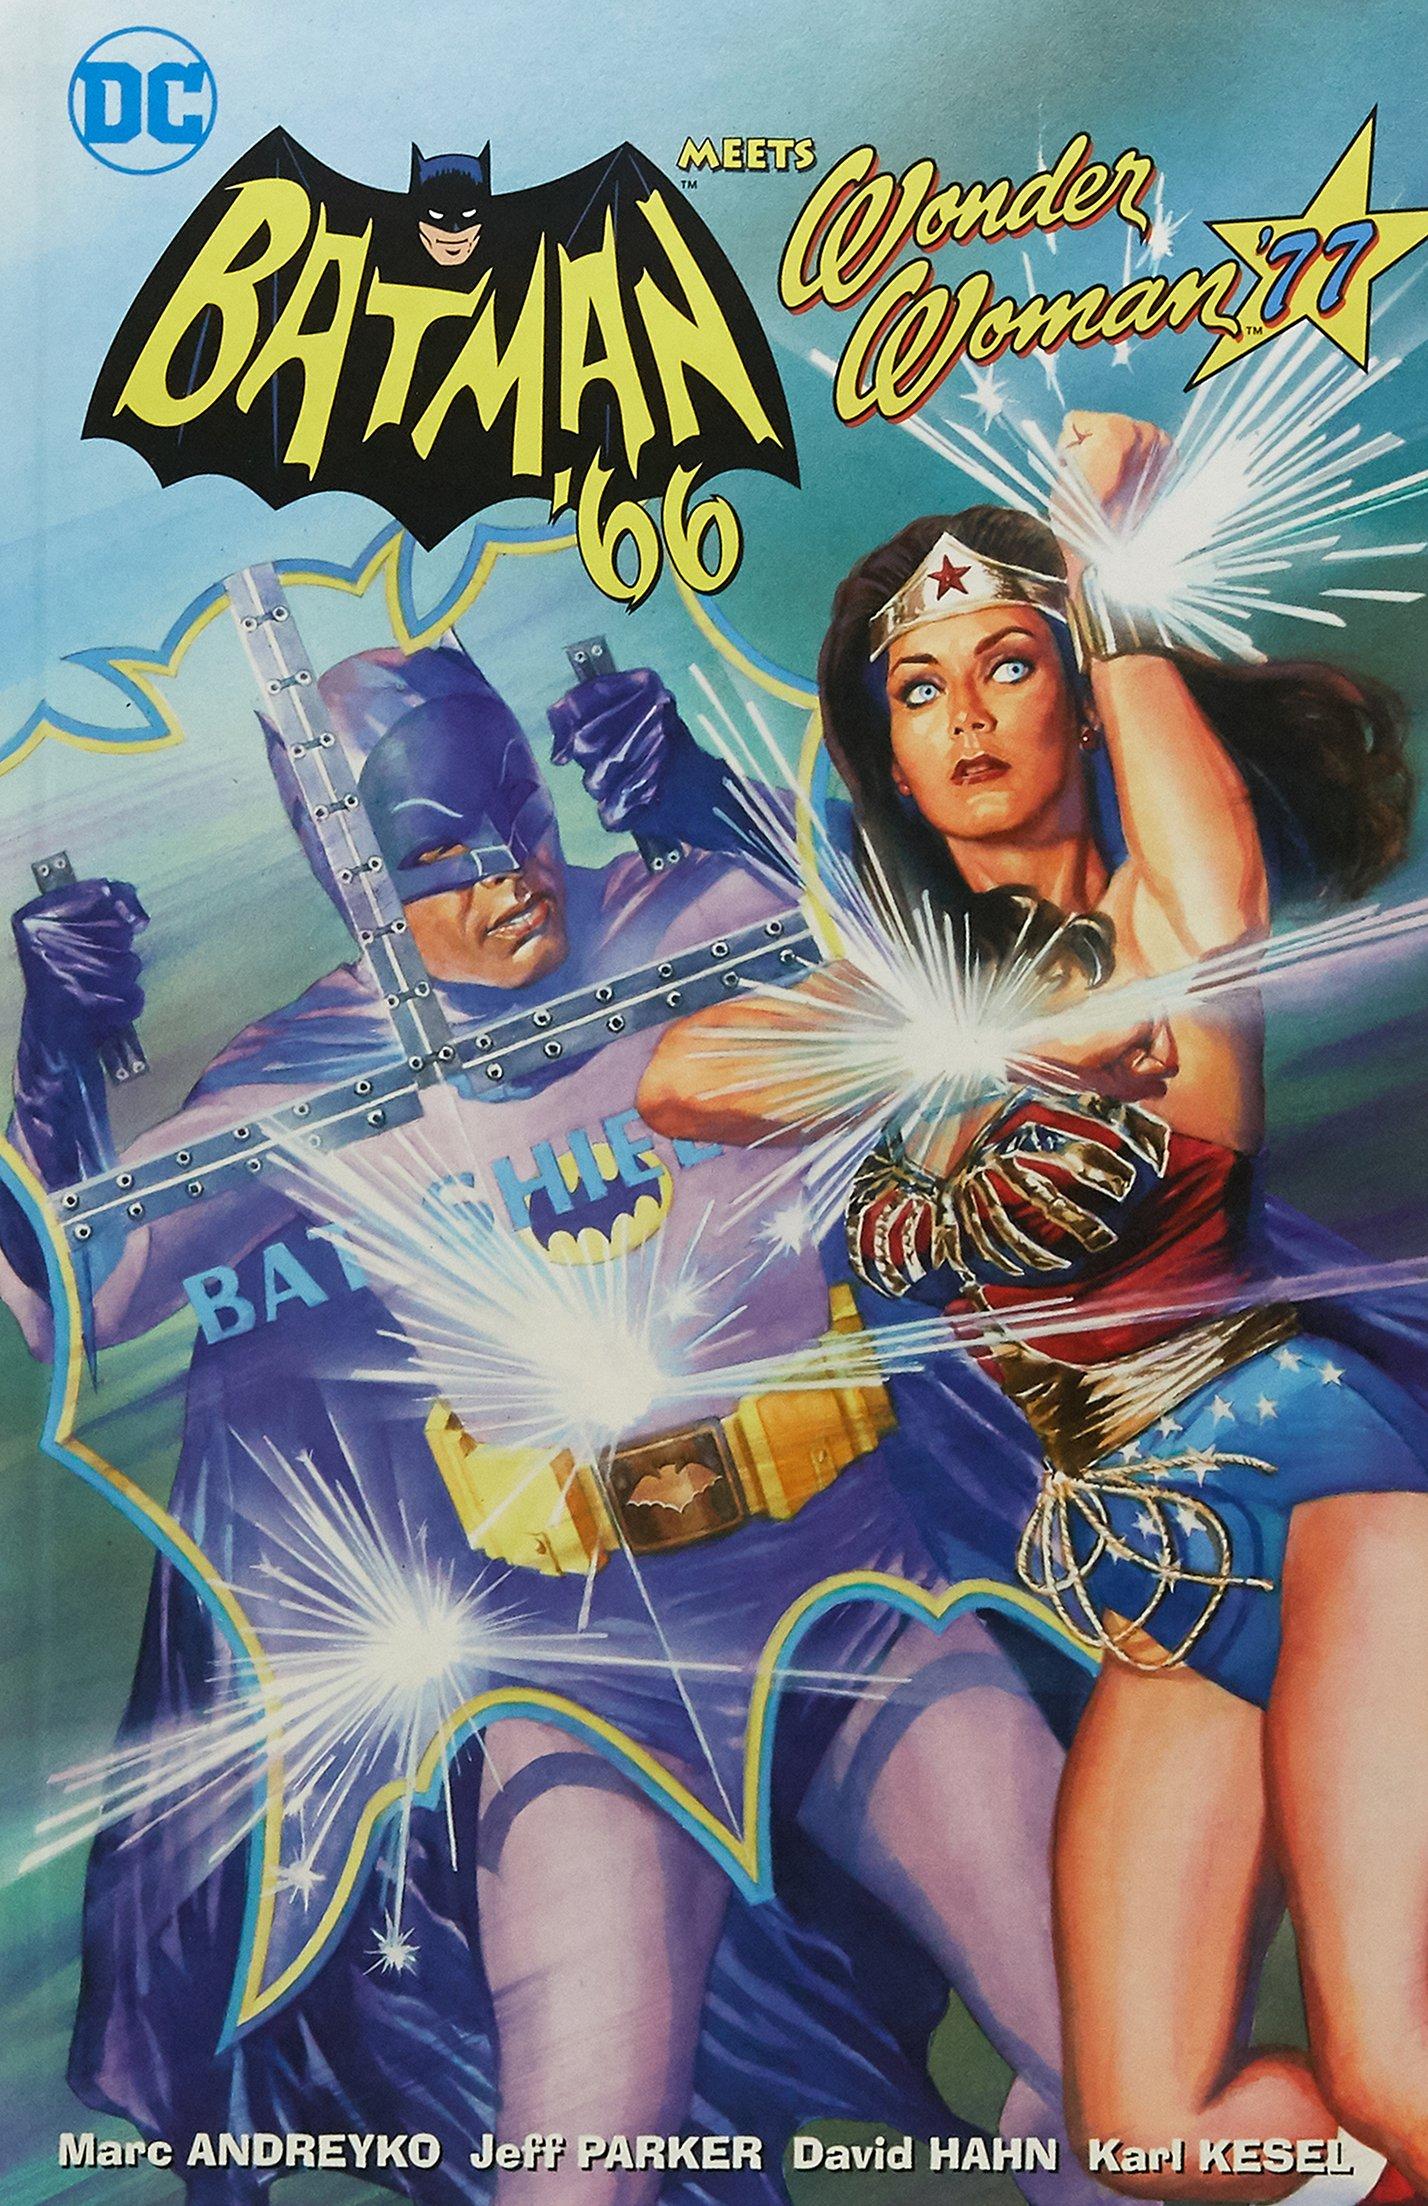 Batman \'66 Meets Wonder Woman \'77: Amazon.de: Jeff Parker, Marc ...